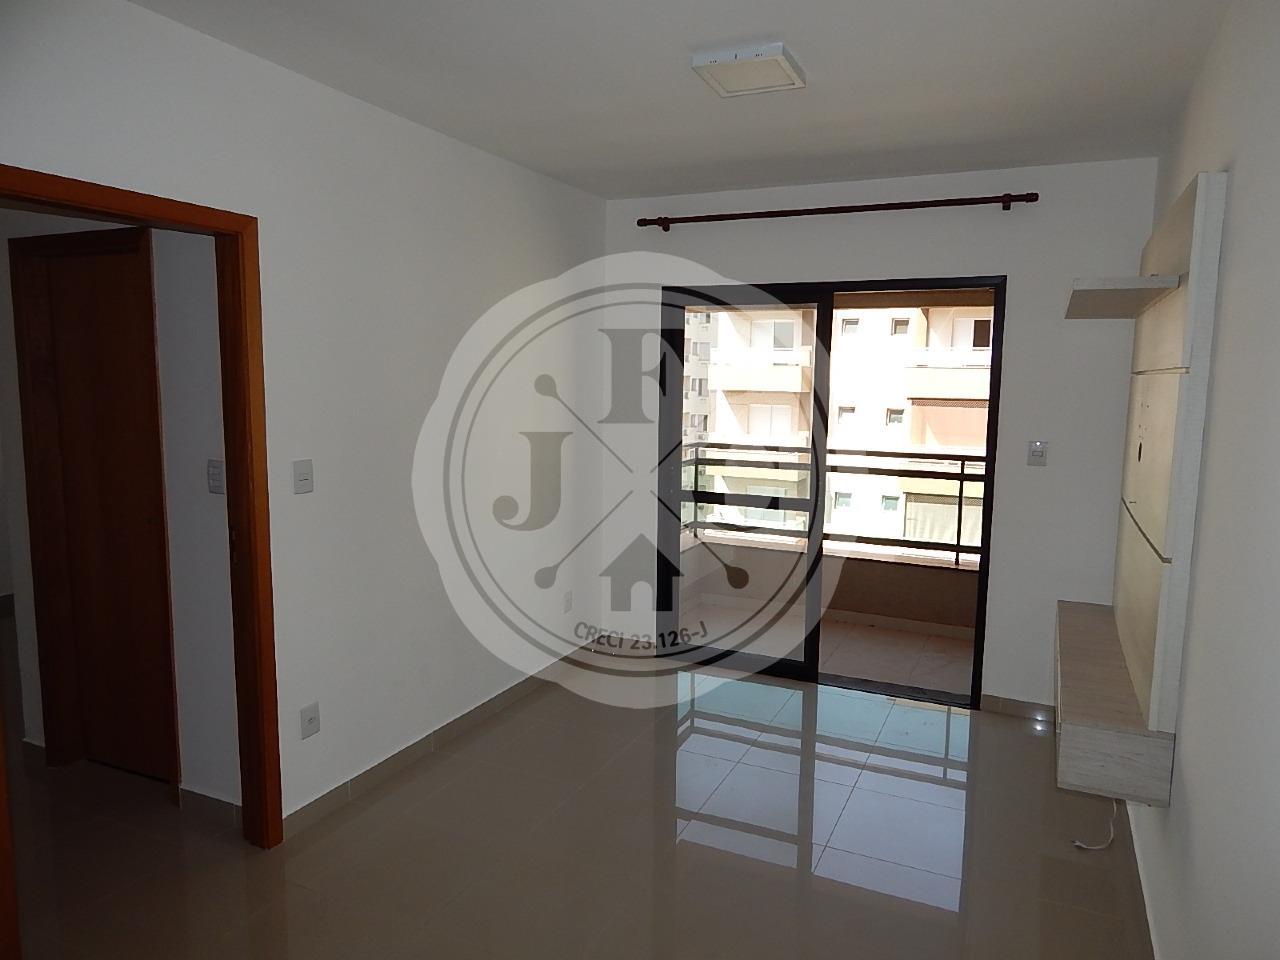 Apartamento para locação com 44m², 1 suíte no bairro Nova Aliança.